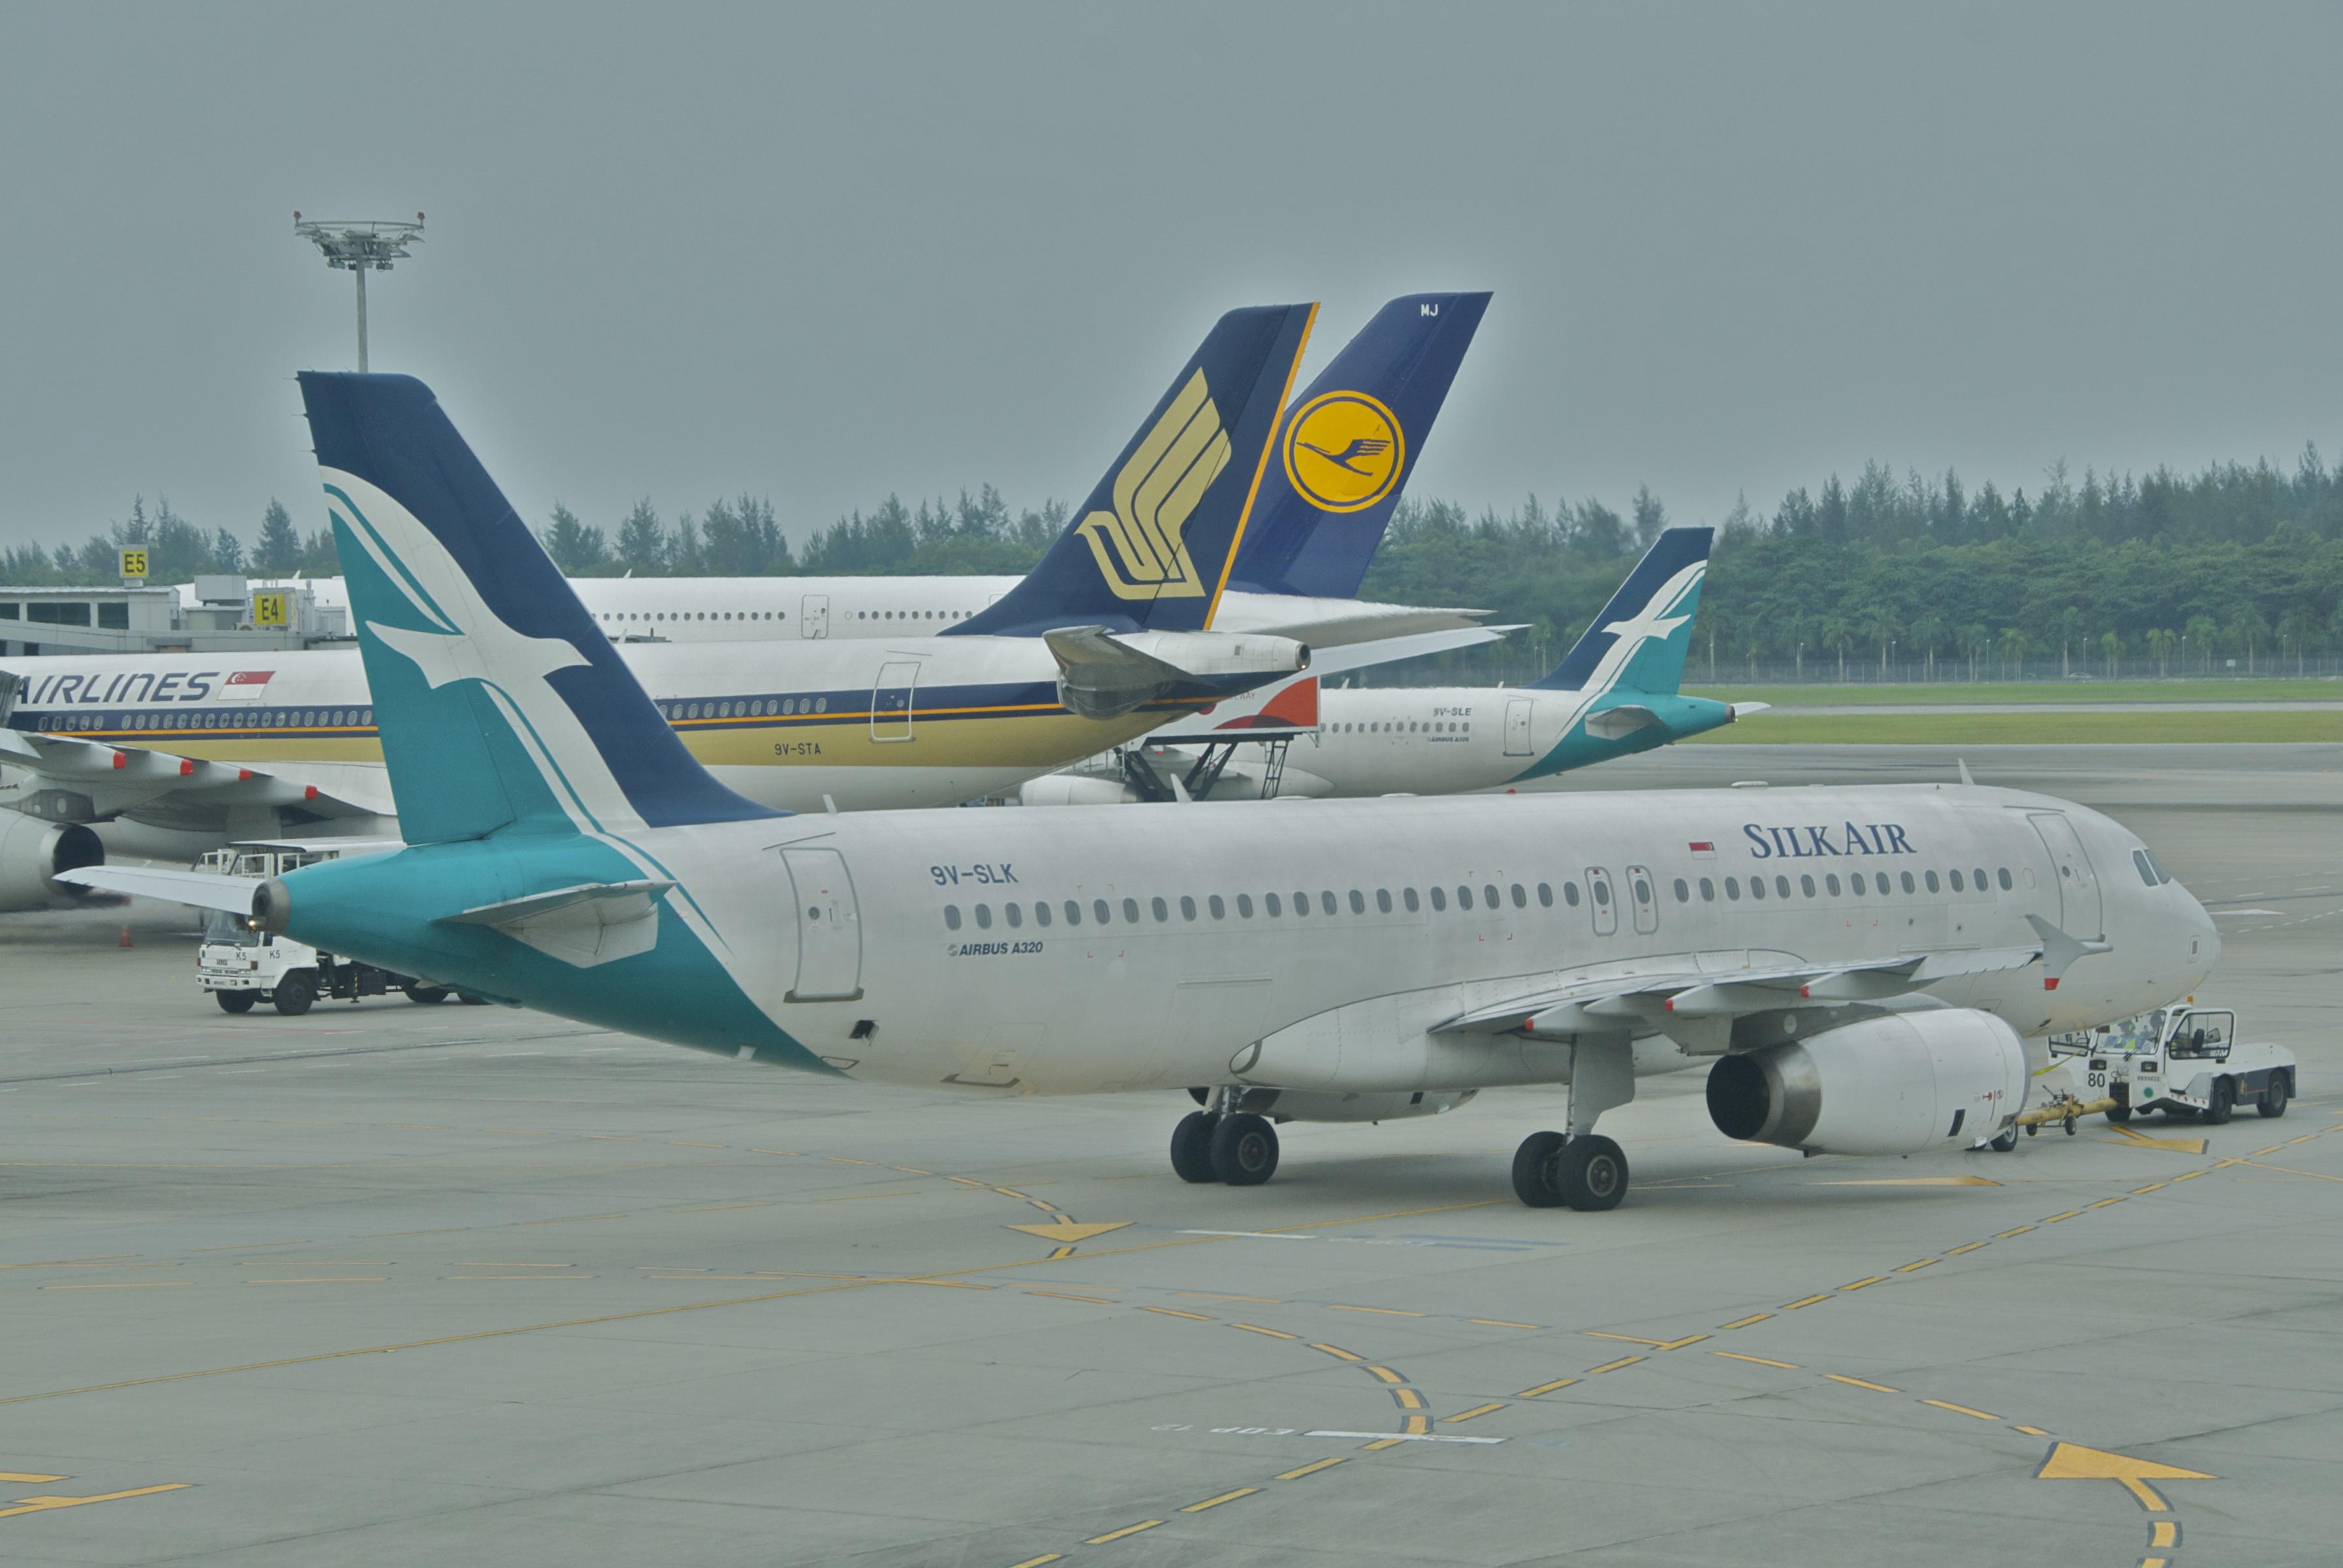 Silk Air Ktm To Singapore